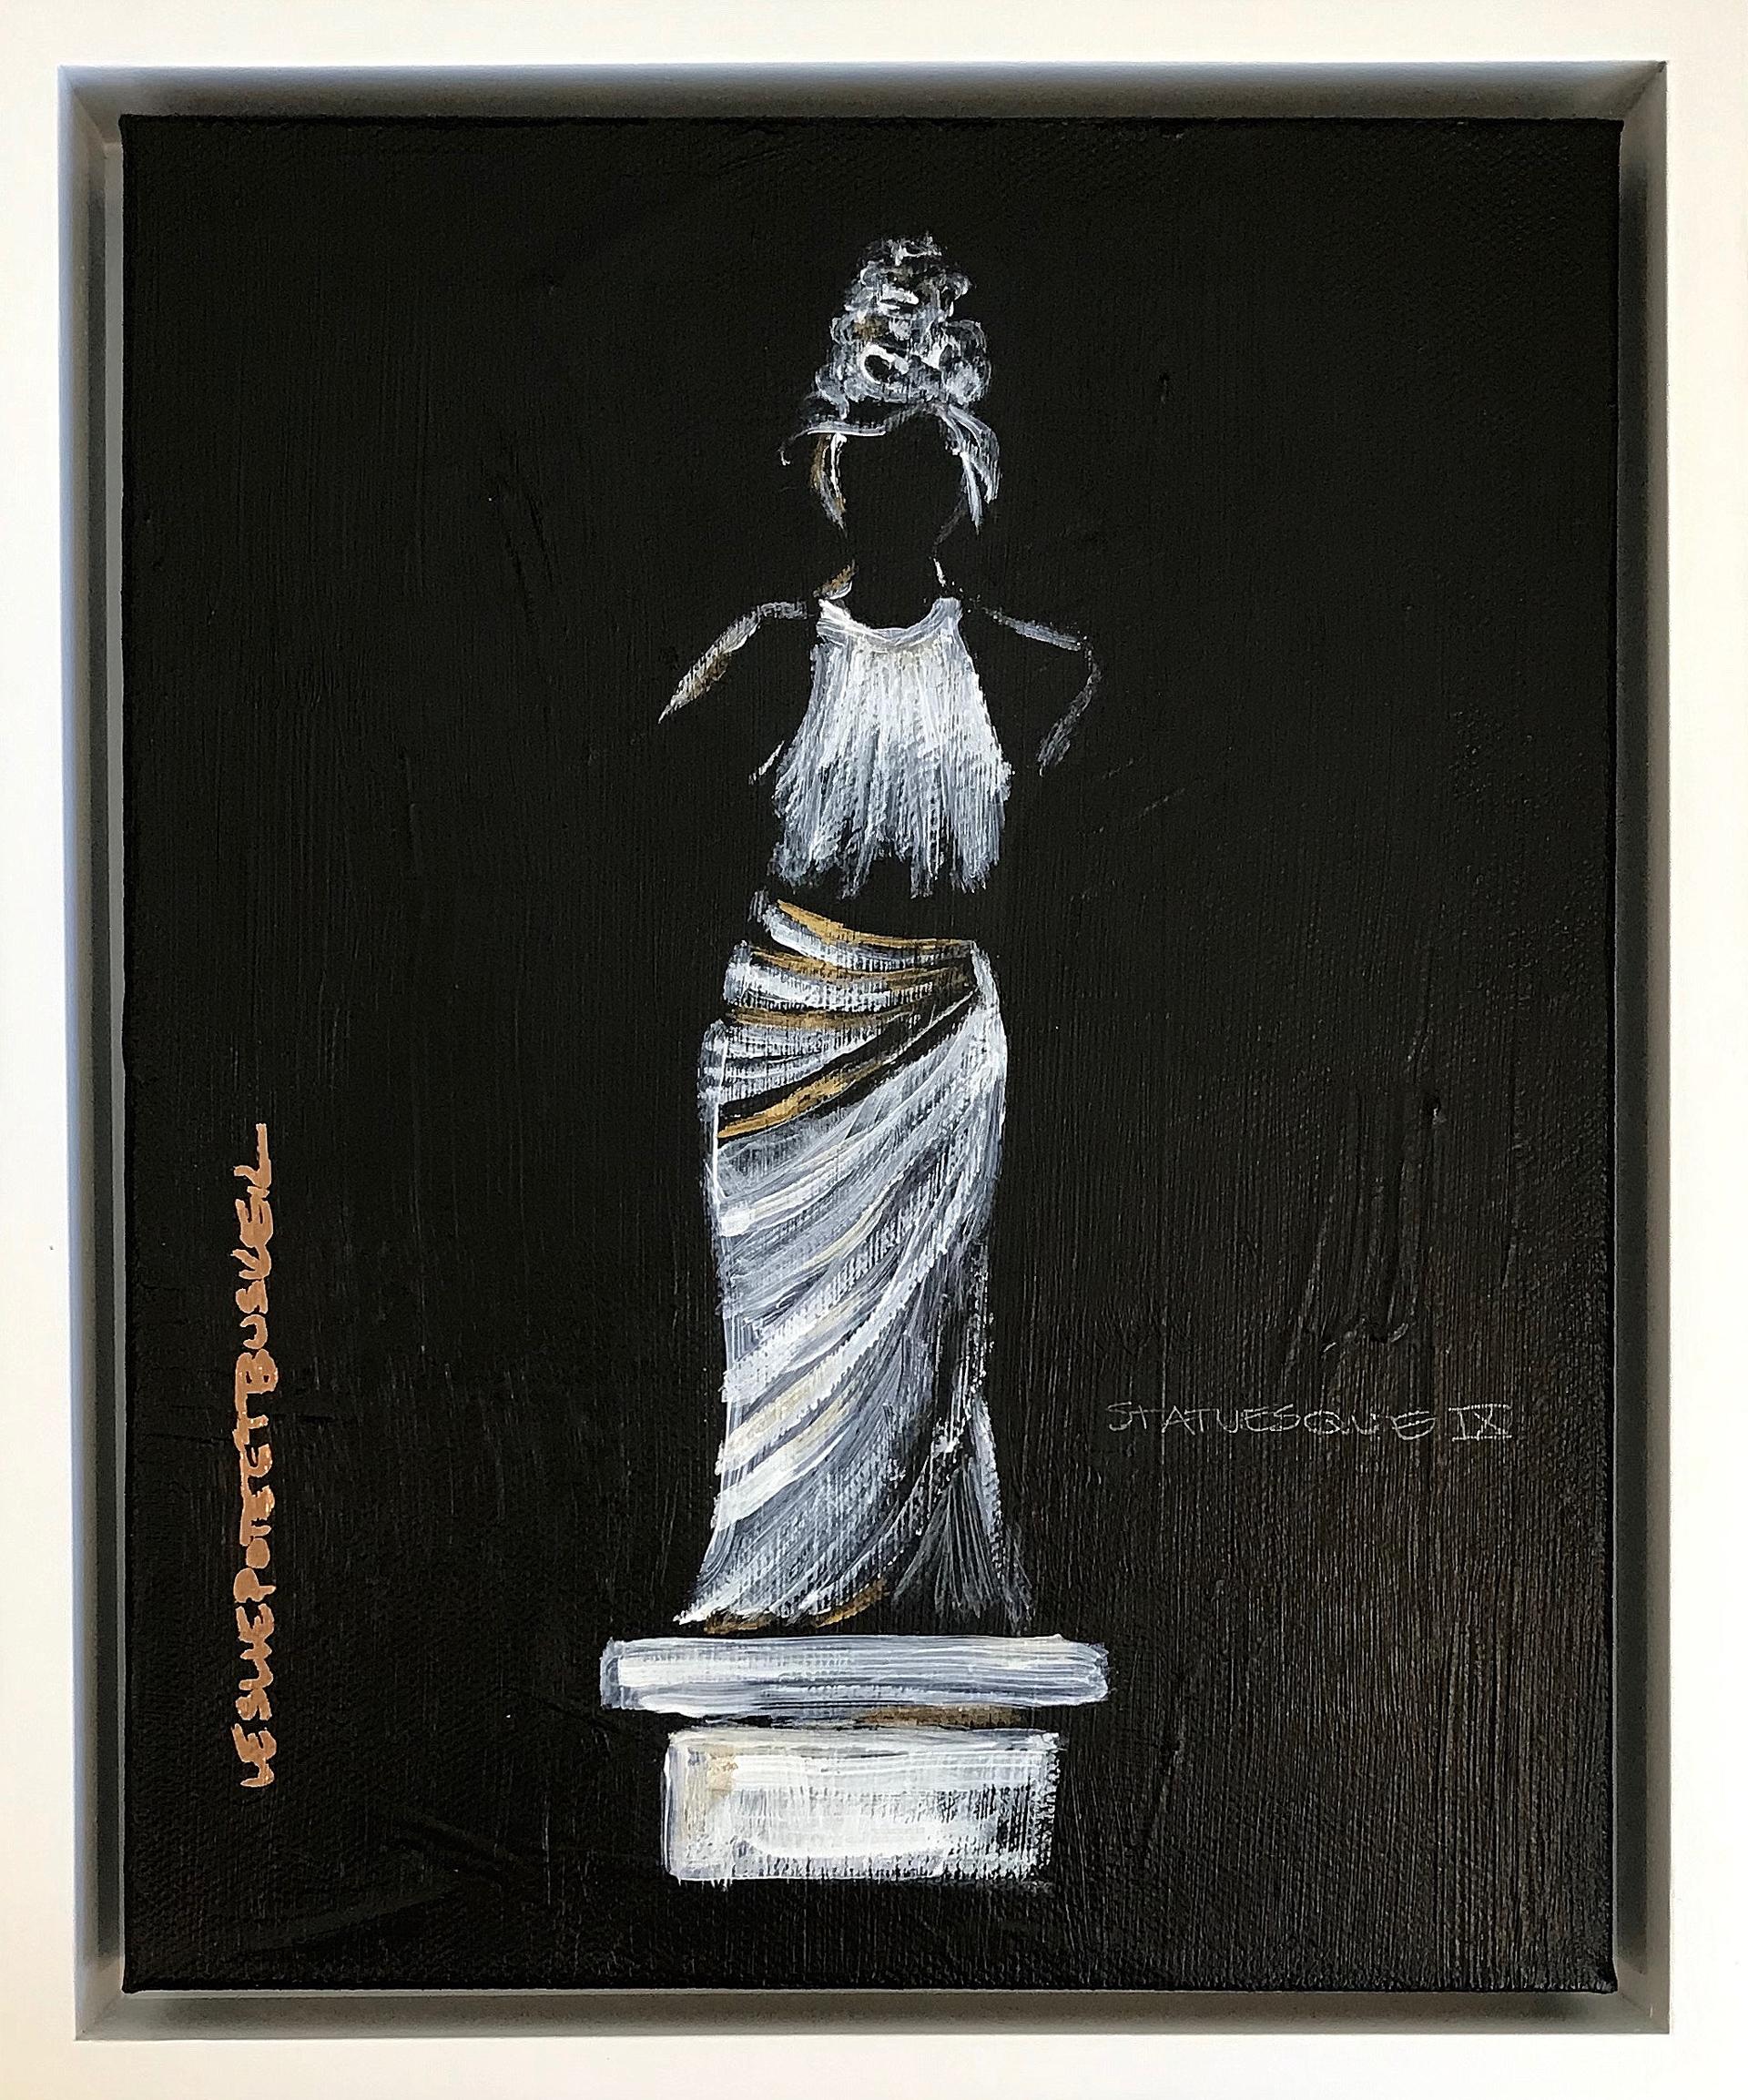 Statuesque IX by Leslie Poteet Busker